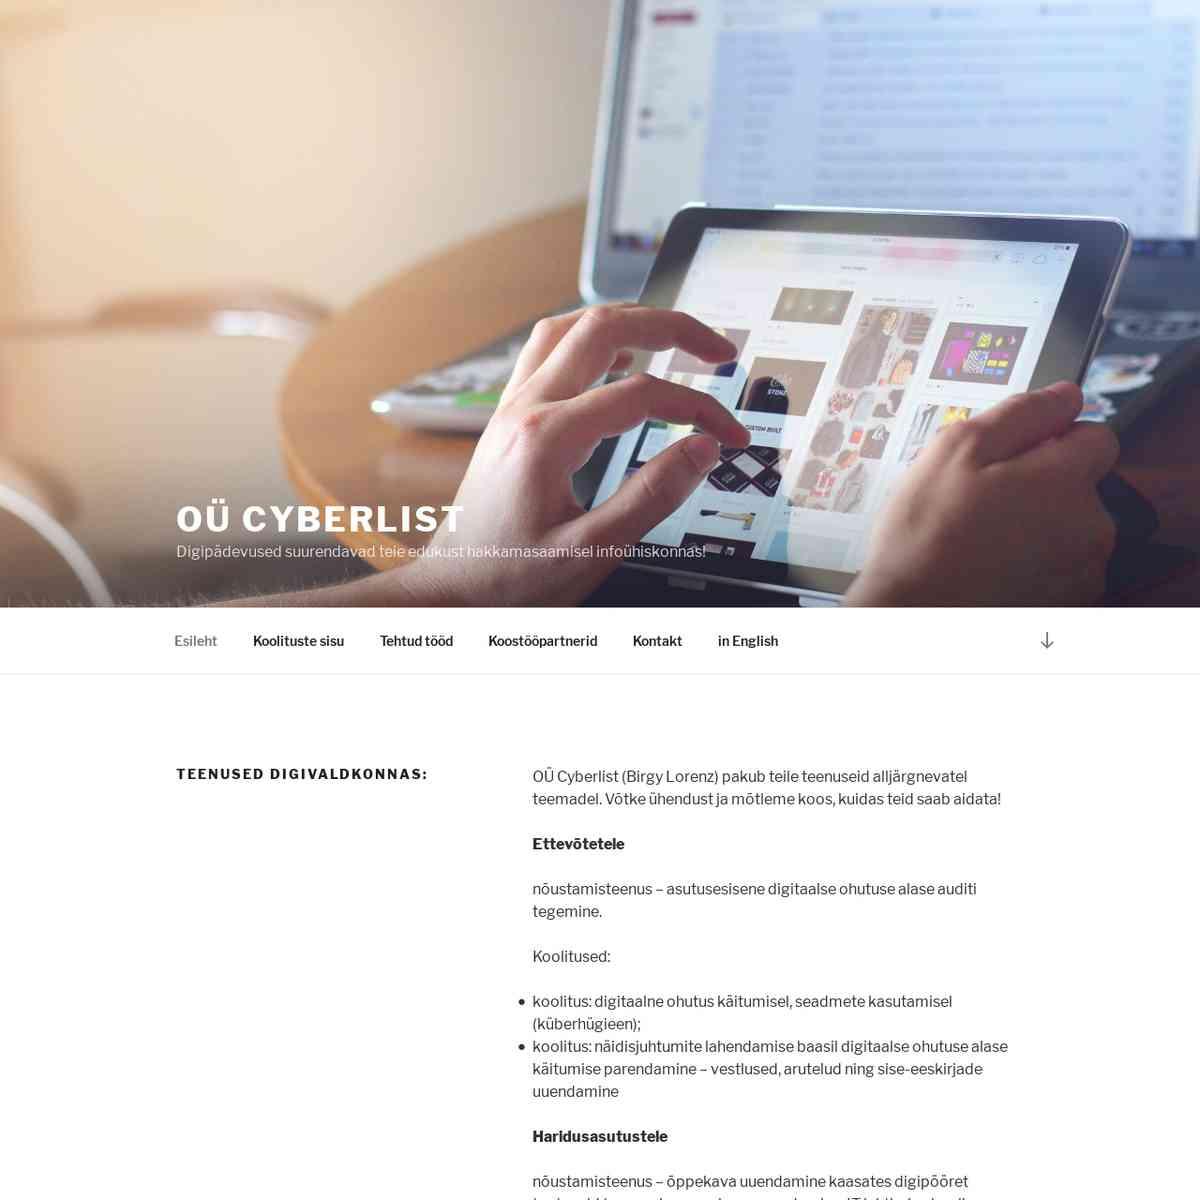 OÜ Cyberlist – Digipädevused suurendavad teie edukust hakkamasaamisel infoühiskonnas!